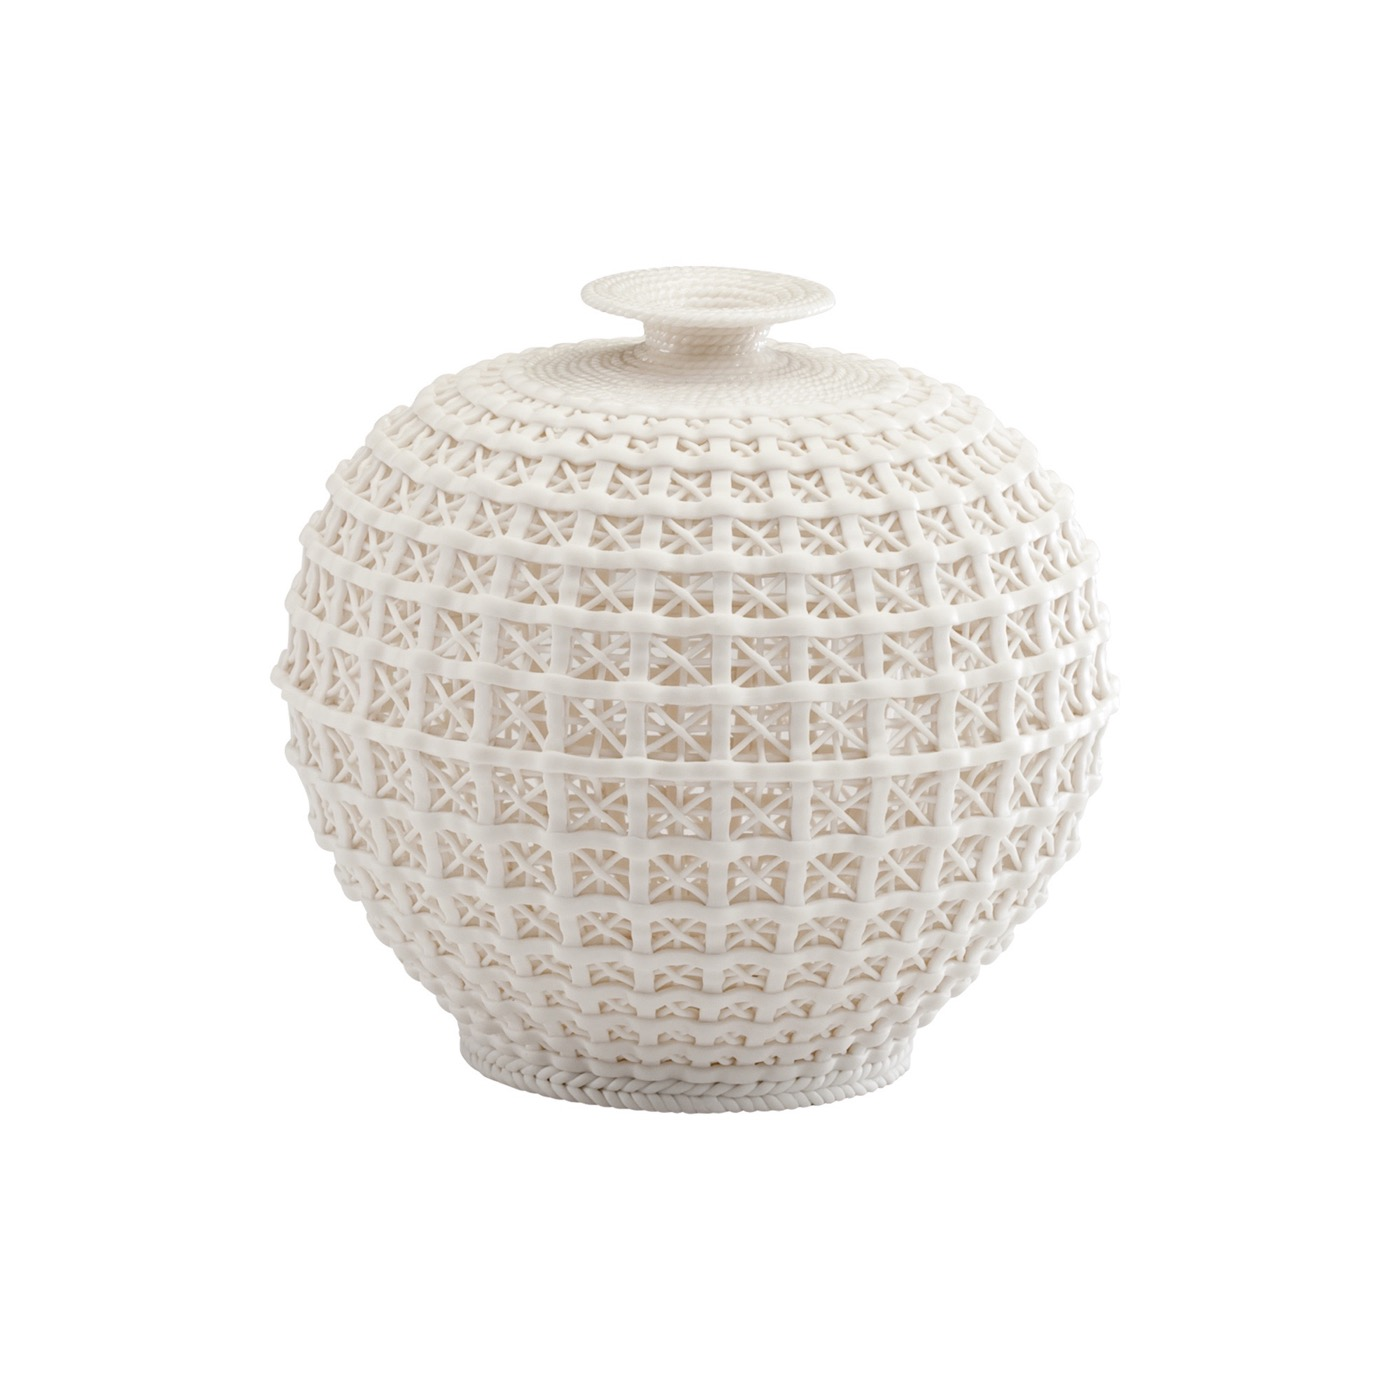 Caroline Lattice Ceramic Vases